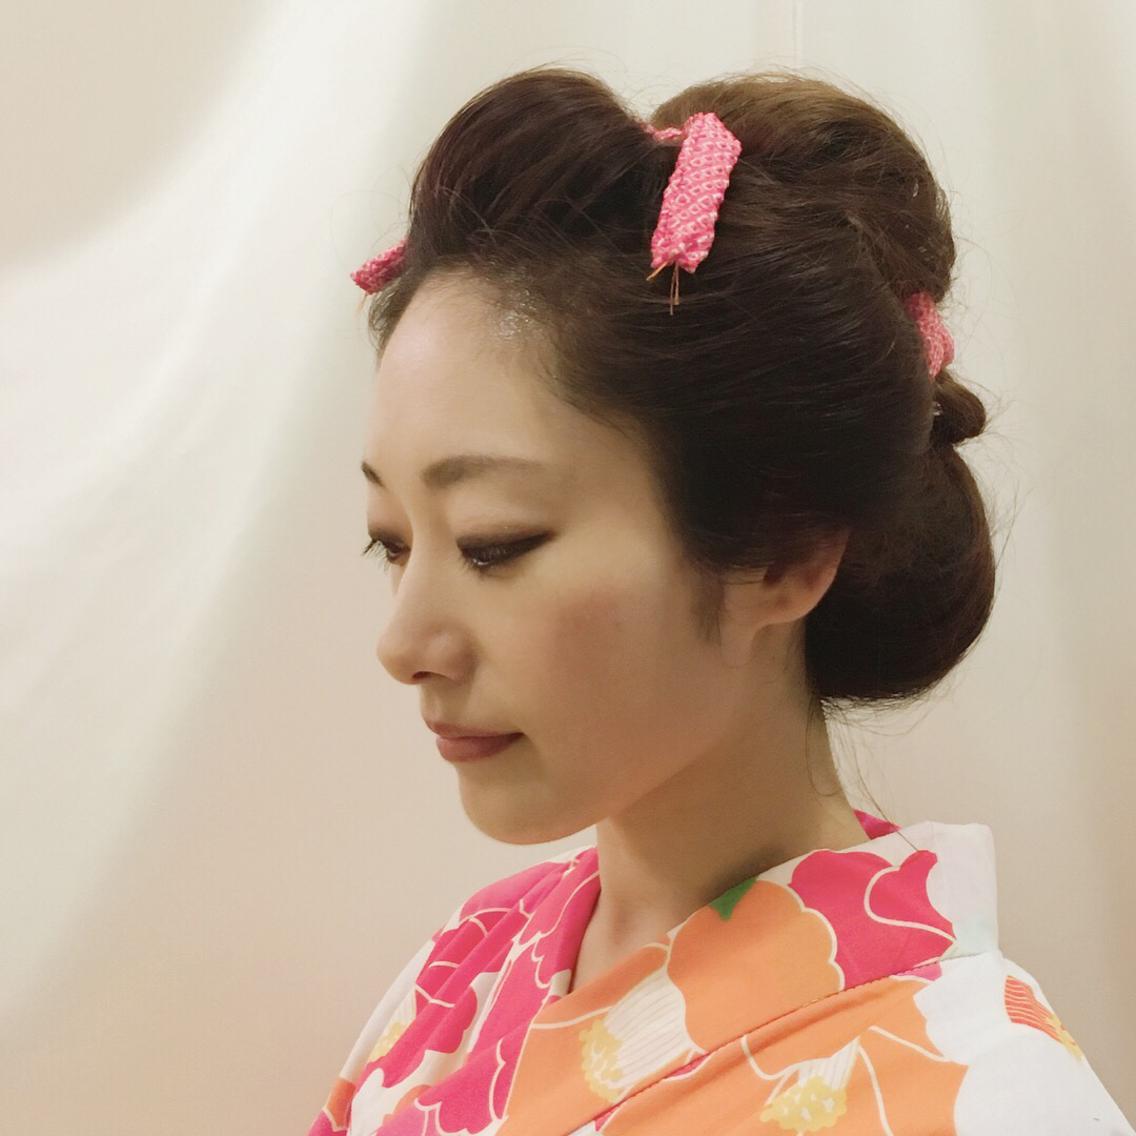 #ロング #ヘアアレンジ たまには日本髪も良いですね。 4,000円 で承ります #新日本髪 #地毛で日本髪